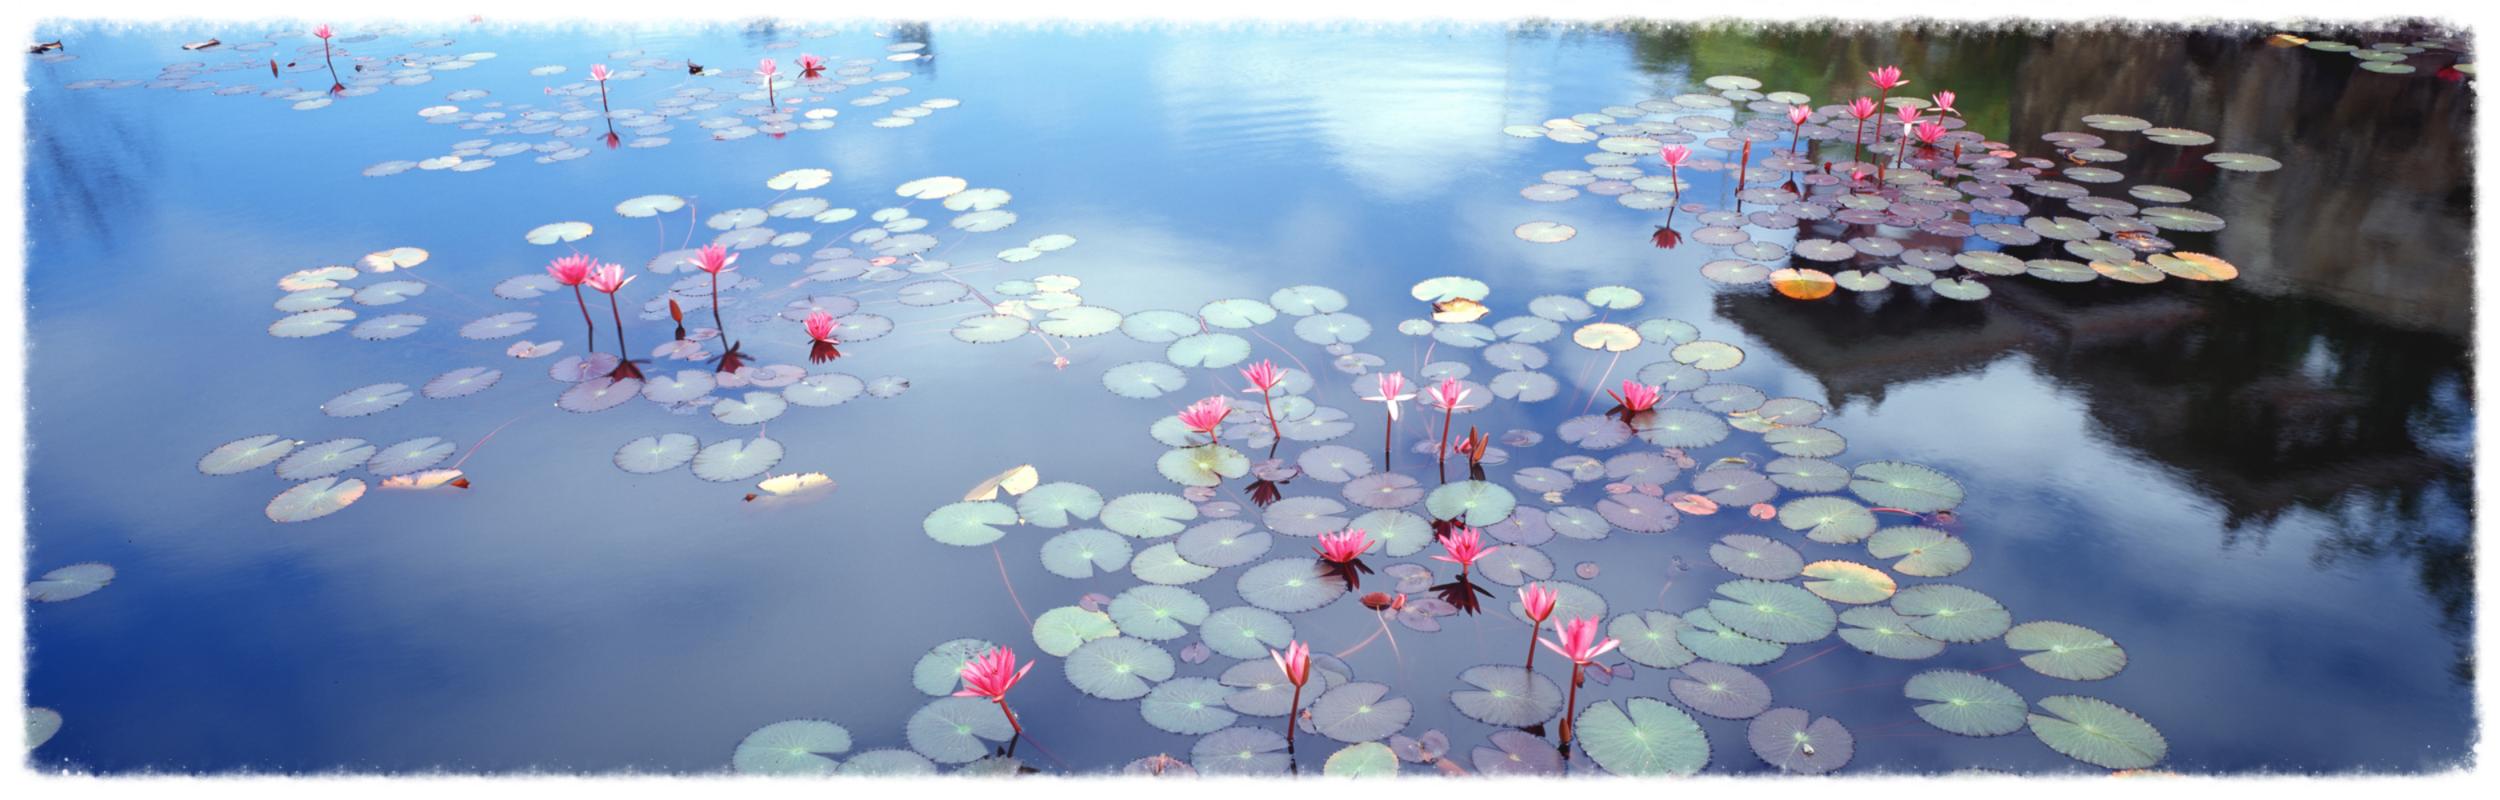 """"""" No Mud, No Lotus"""" ~ Thich Nhat Hanh"""